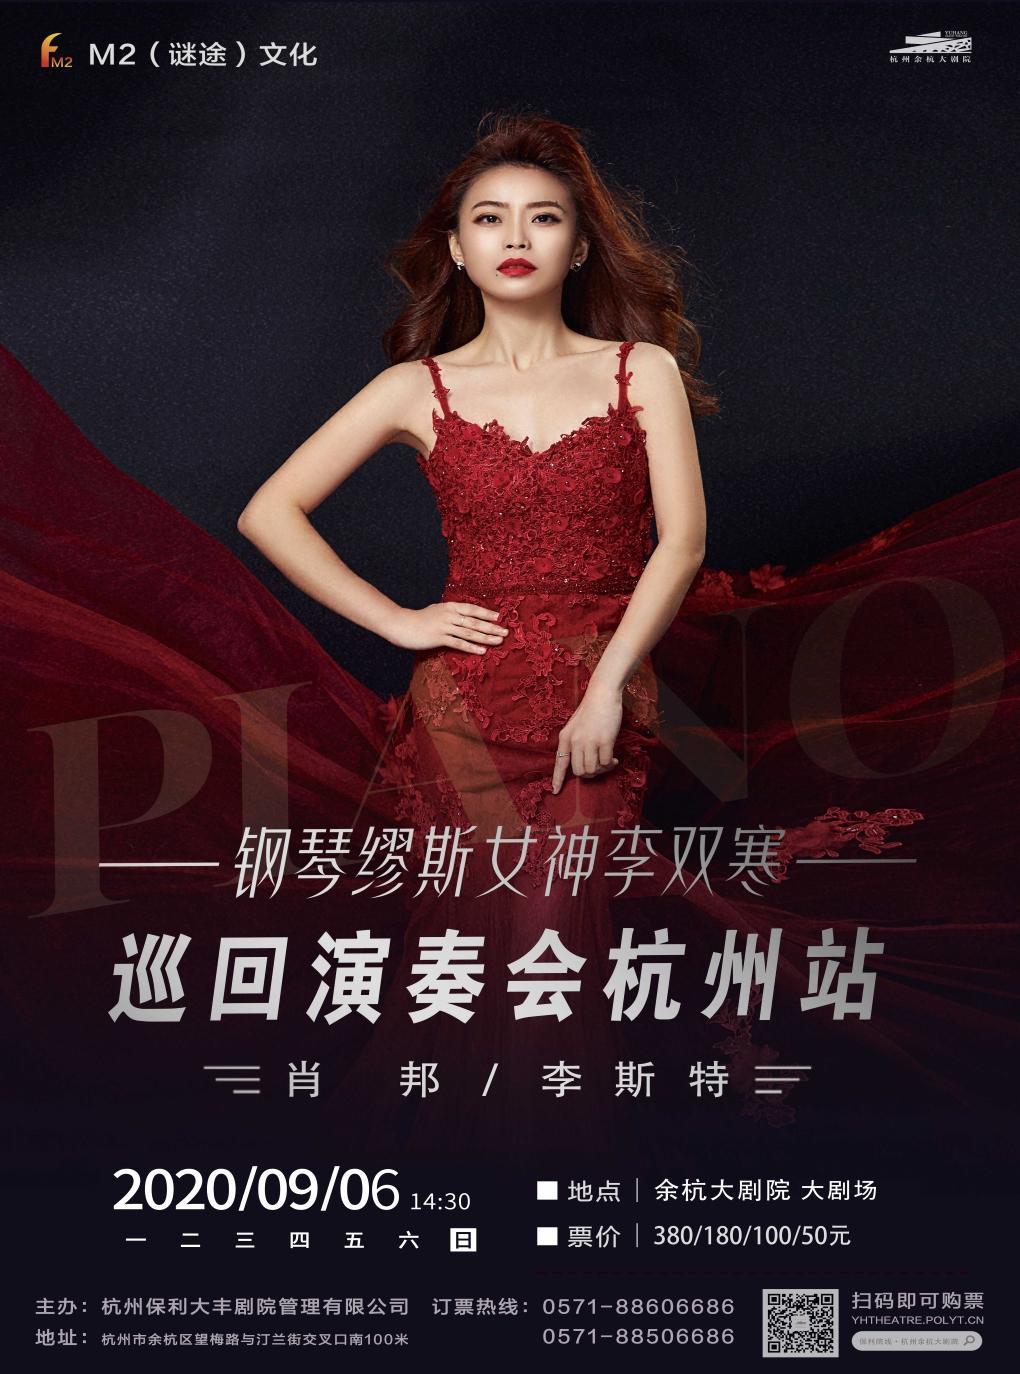 钢琴缪斯女神李双寒——巡回演奏会杭州站